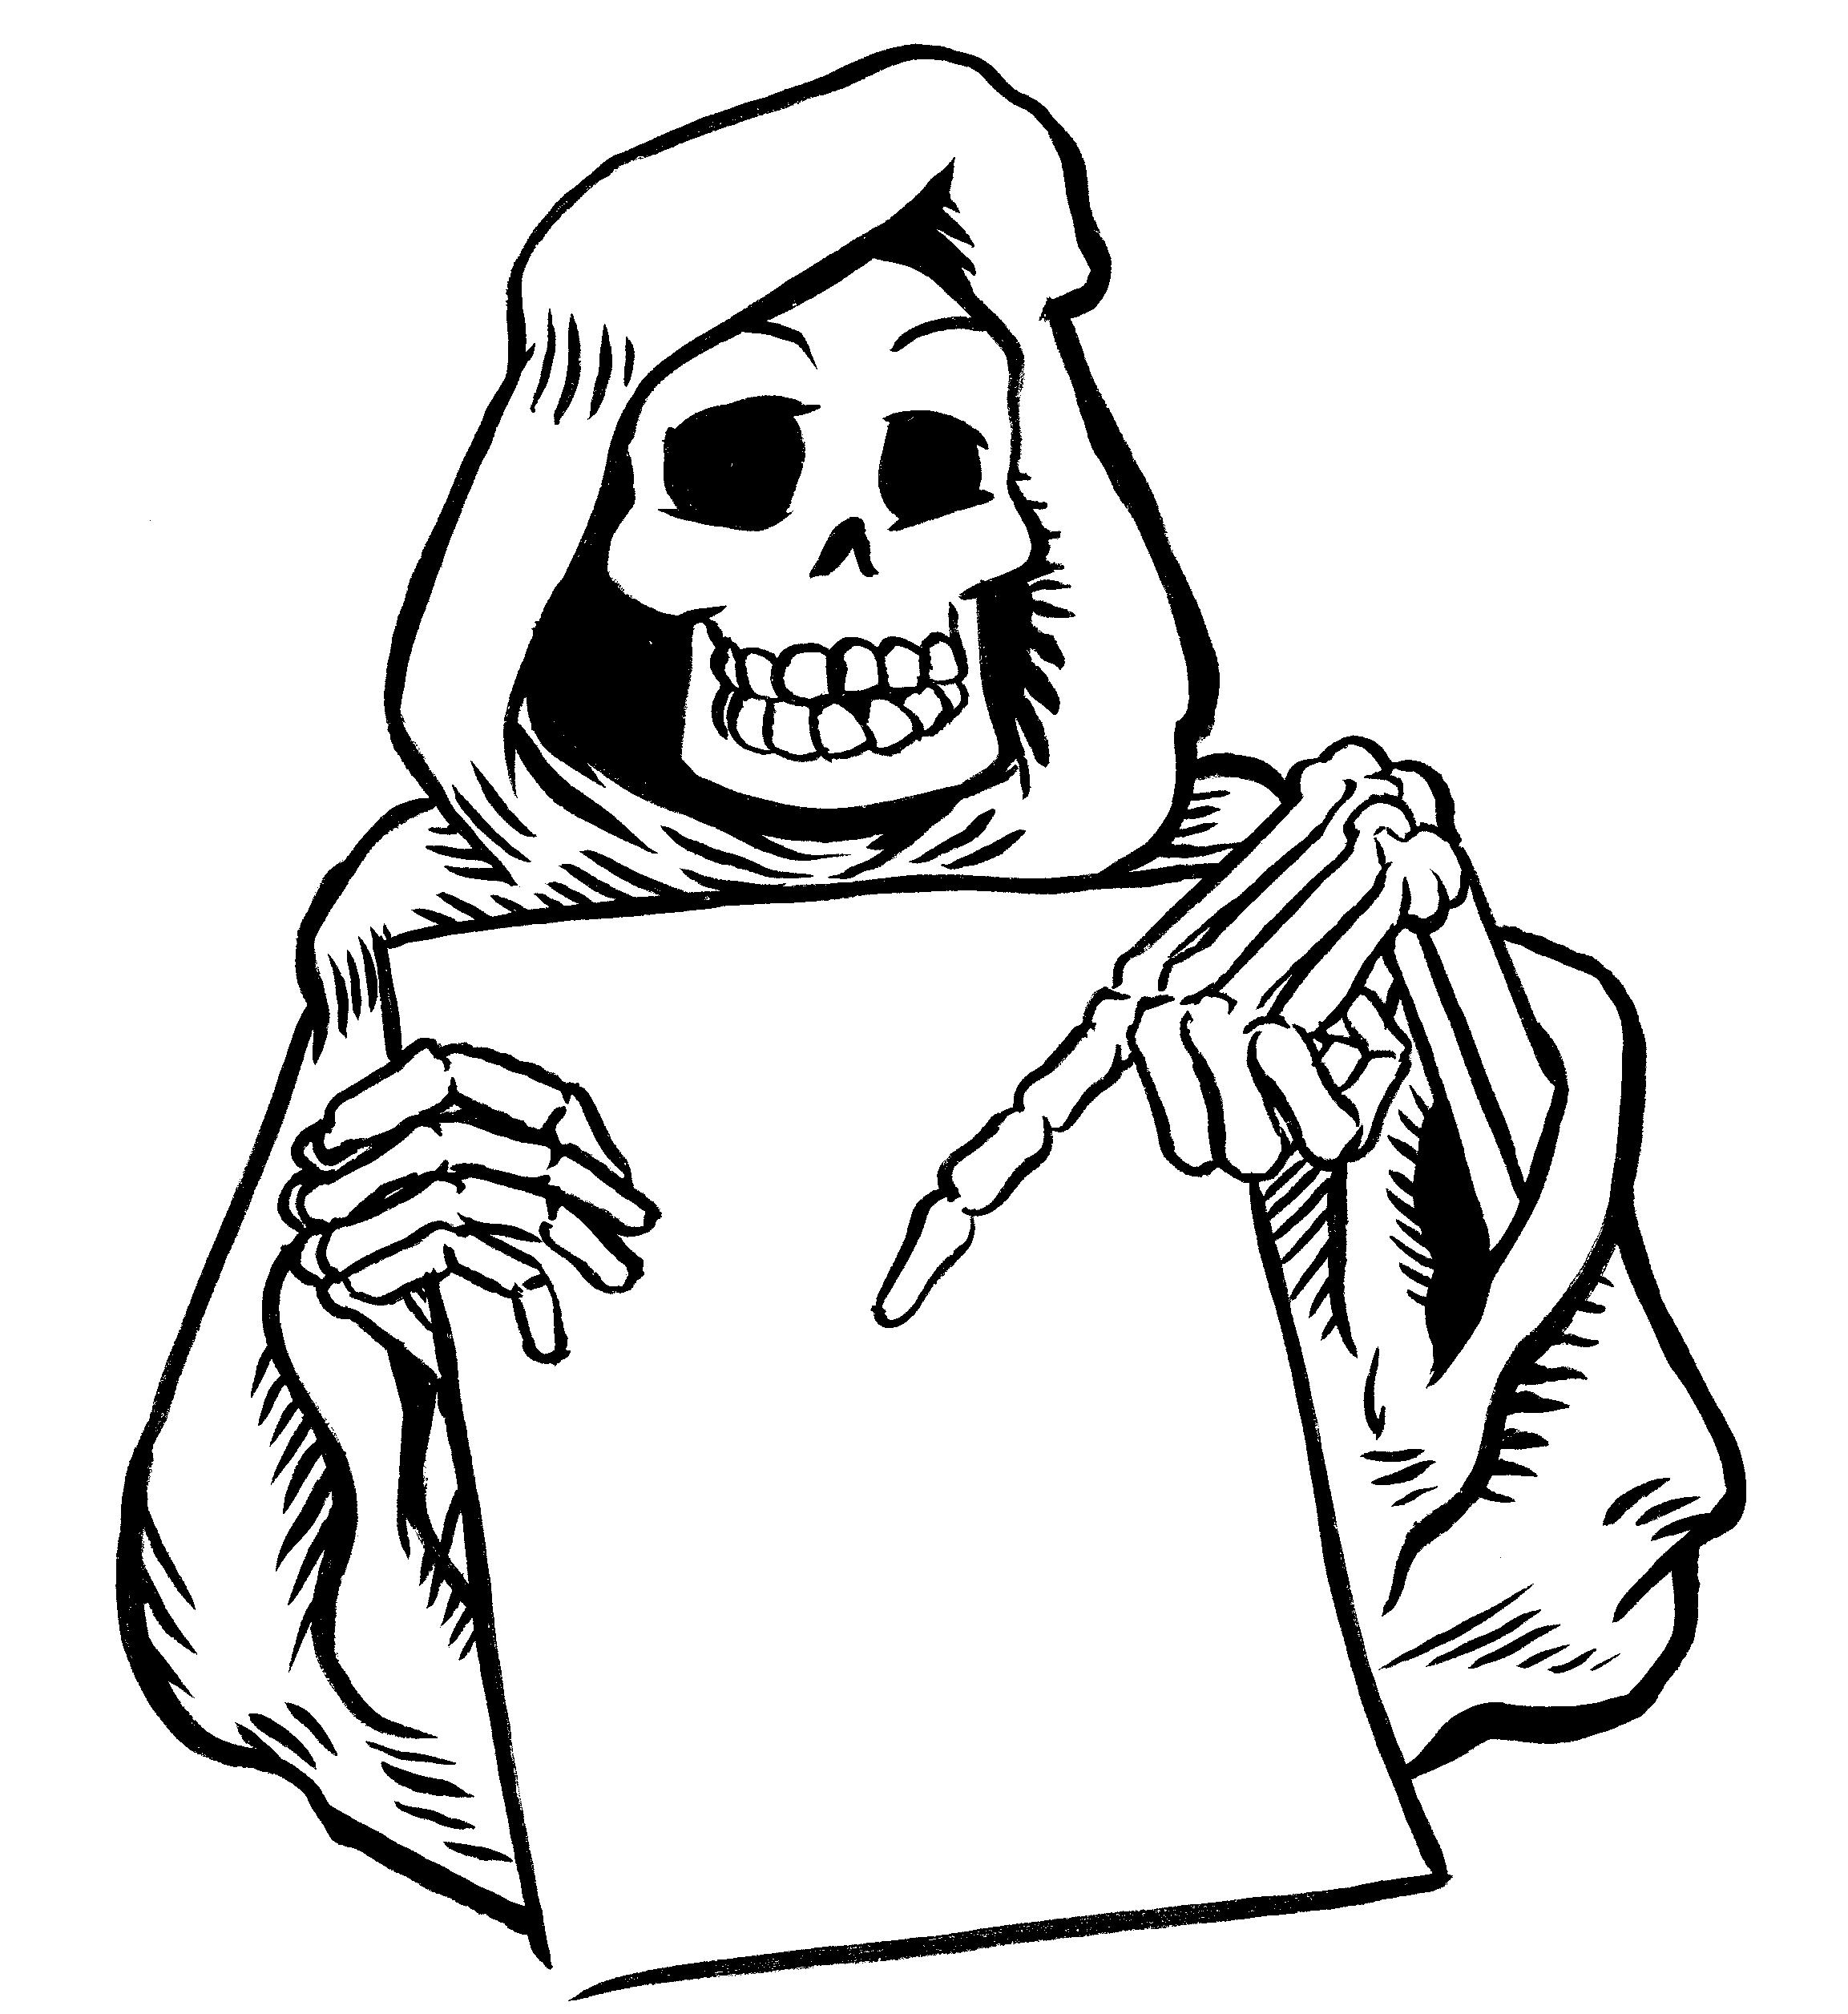 Ausmalbild Halloween Gehorntes Monster Kostenlos Ausdrucken bestimmt für Gruselige Halloween Ausmalbilder Zum Ausdrucken